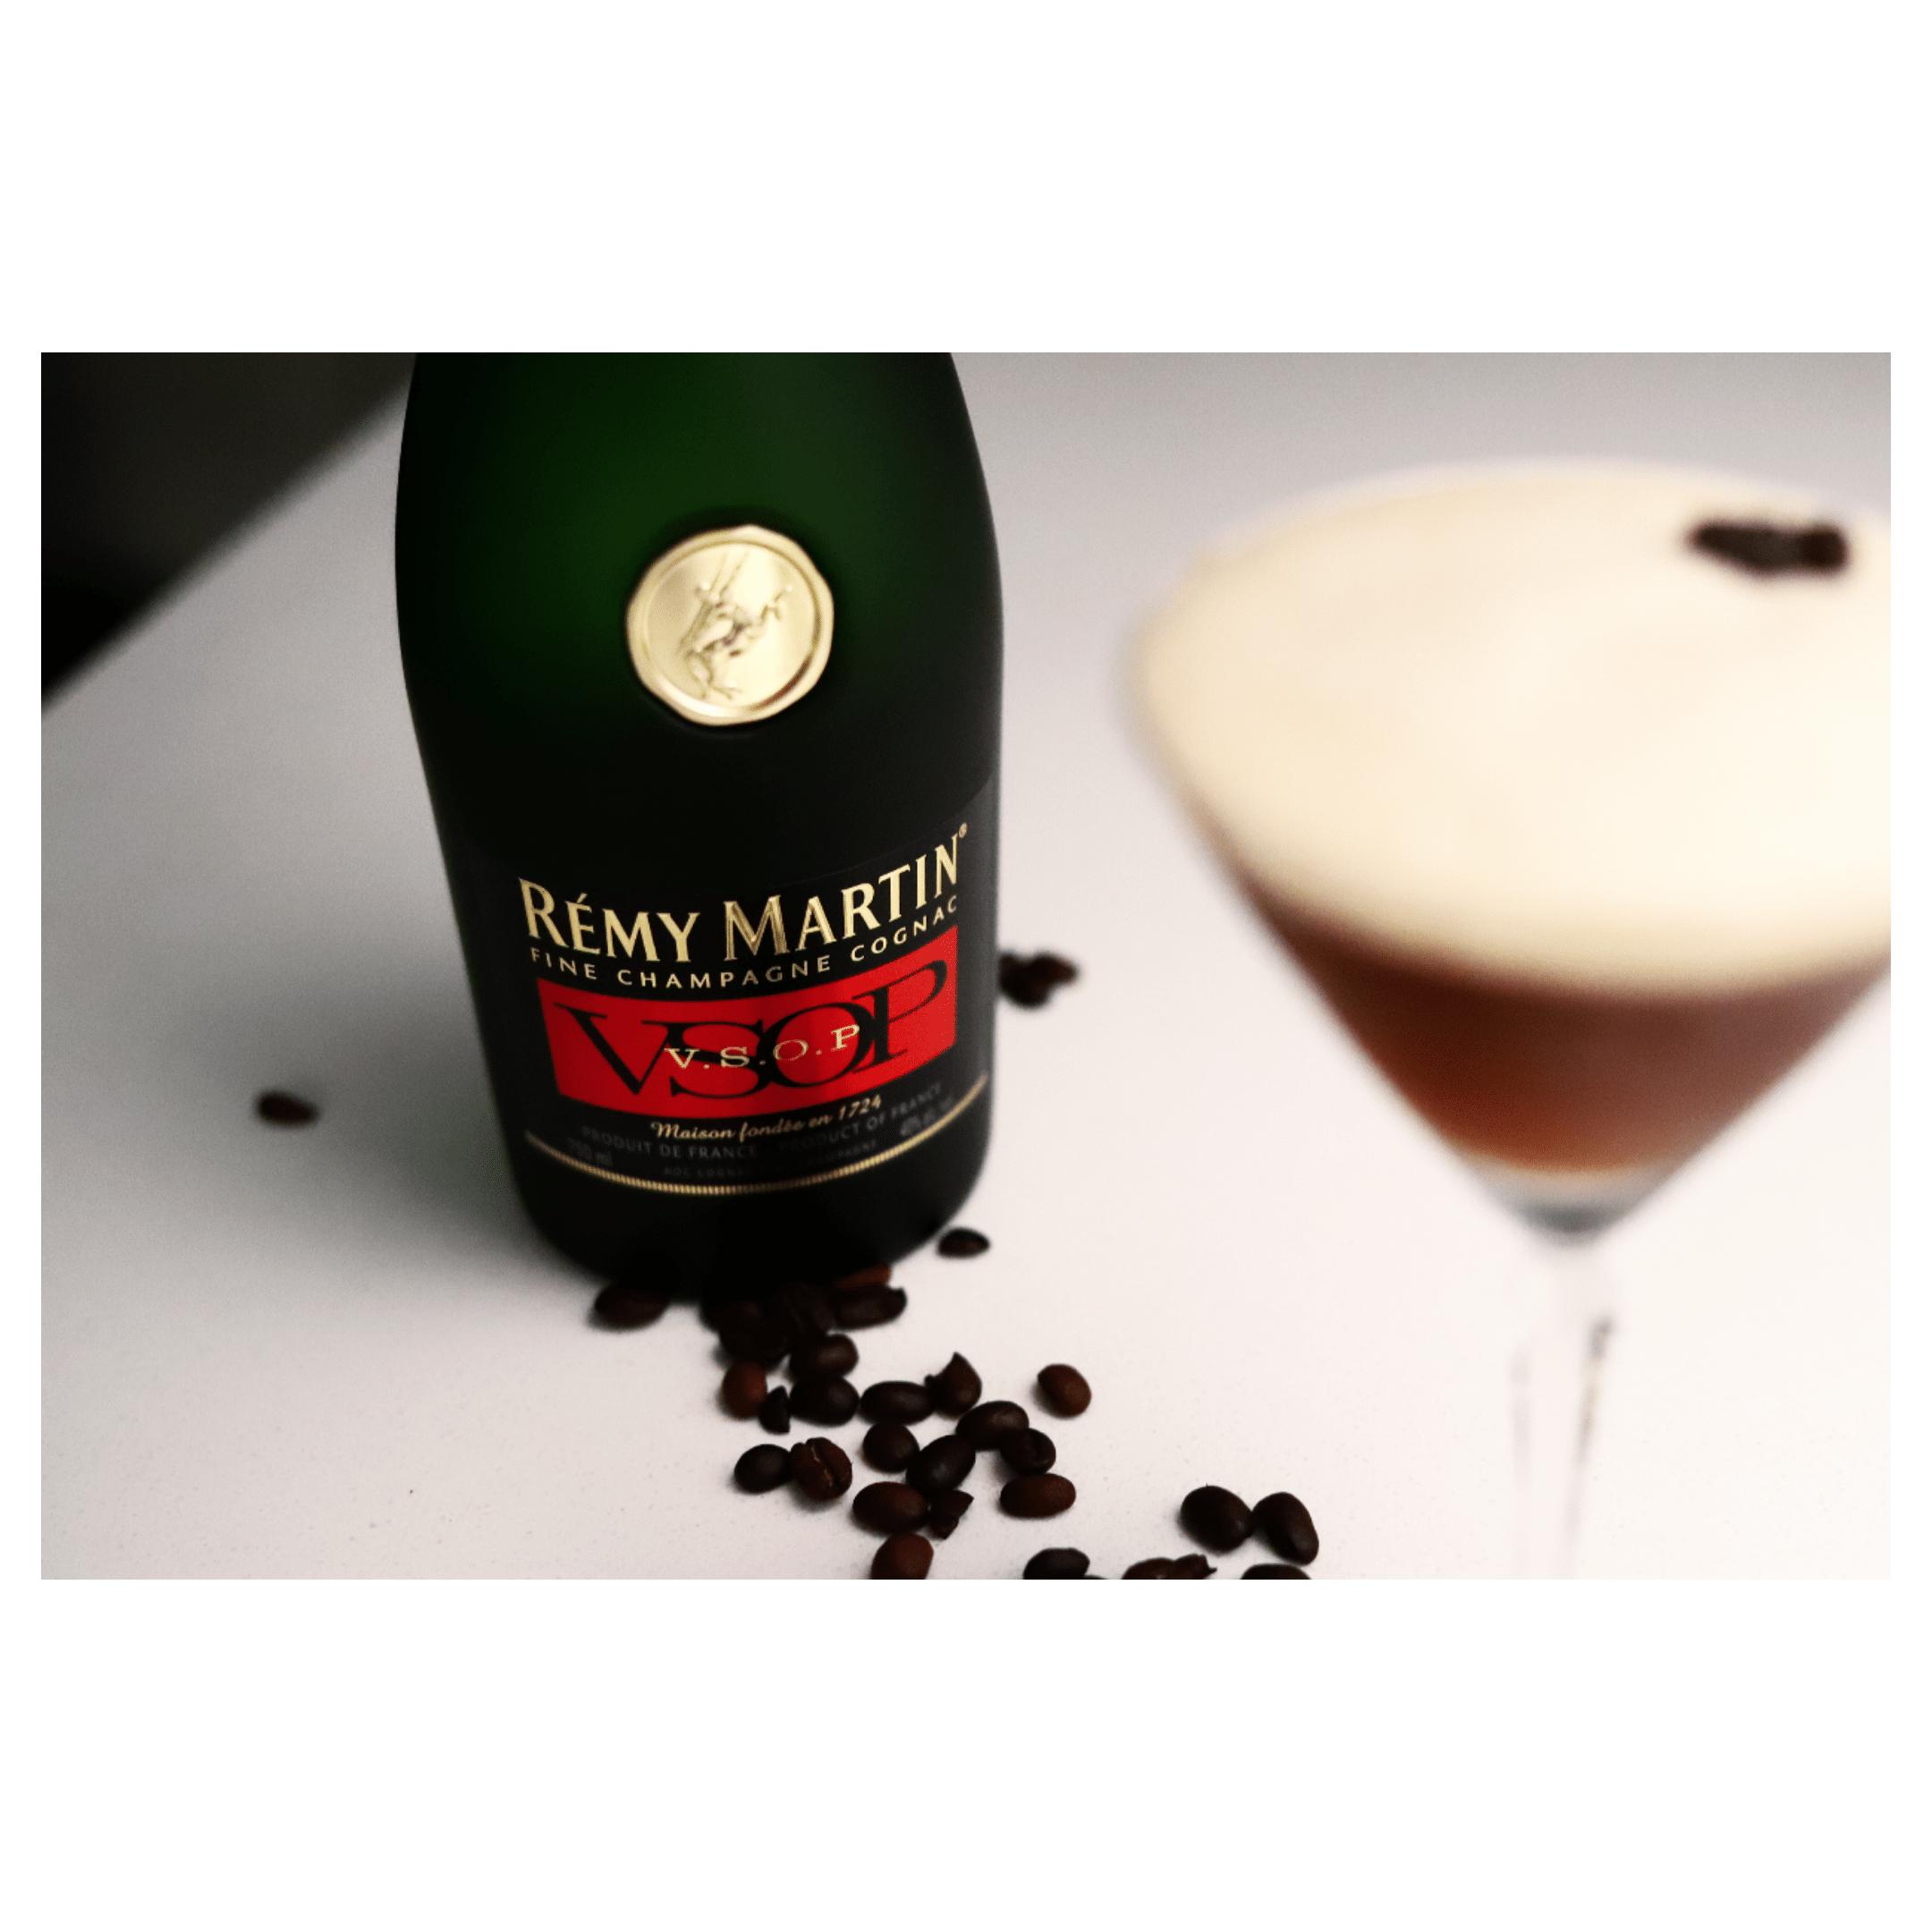 Cognac Espresso Martini, Liberica Cognac Espresso Martini, Remmy Martin and LeClair Organics